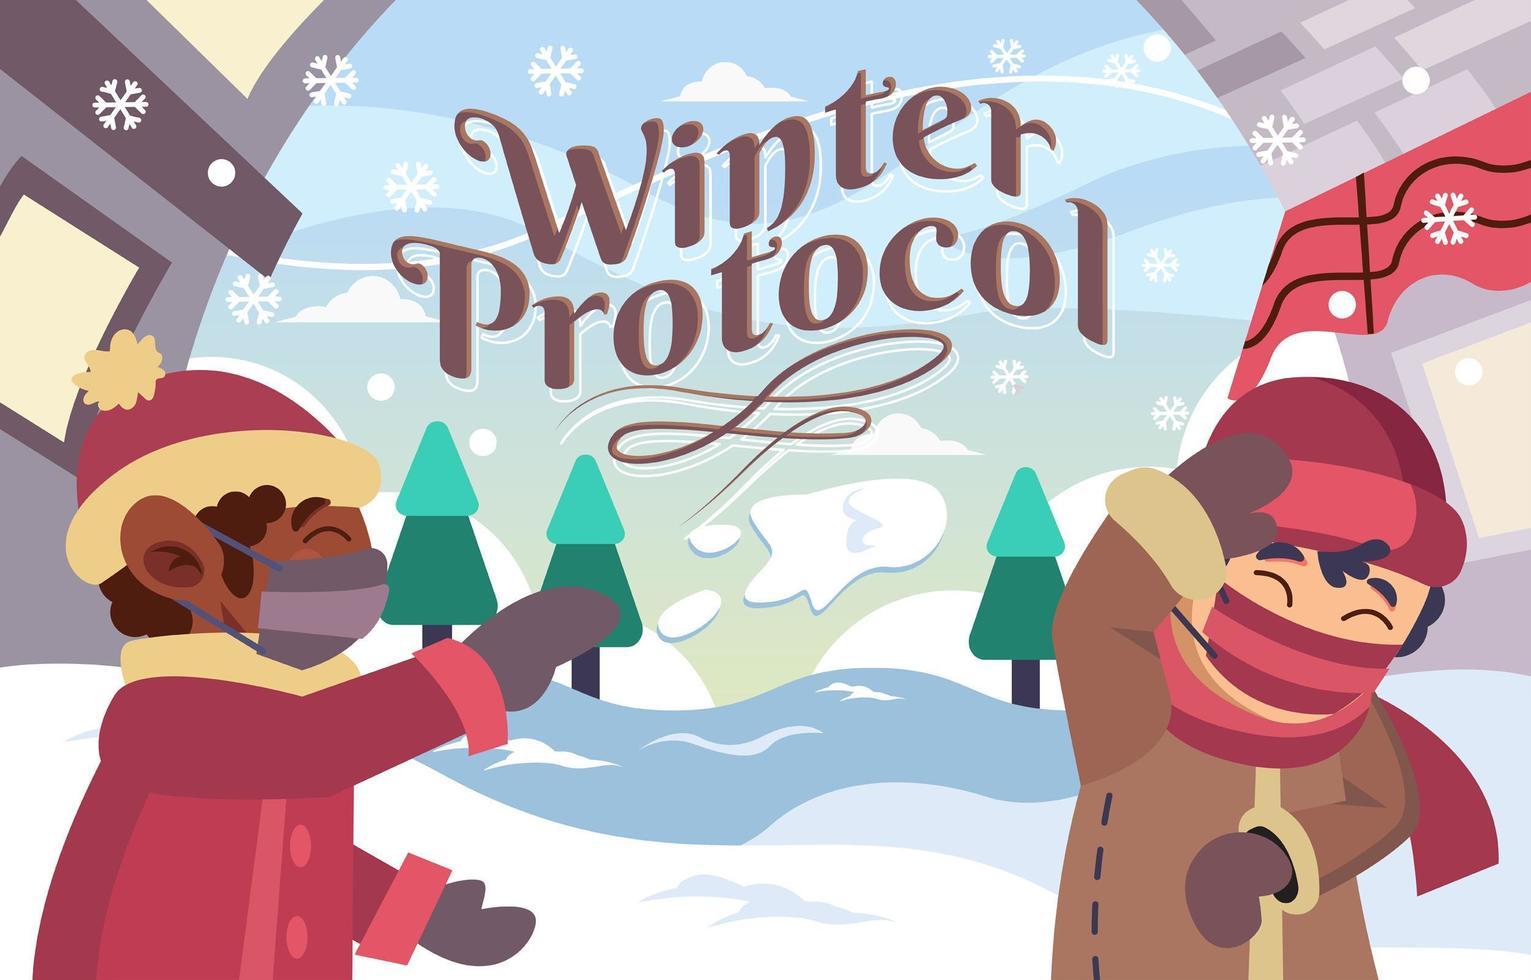 crianças brincando de neve no inverno com protocolo vetor